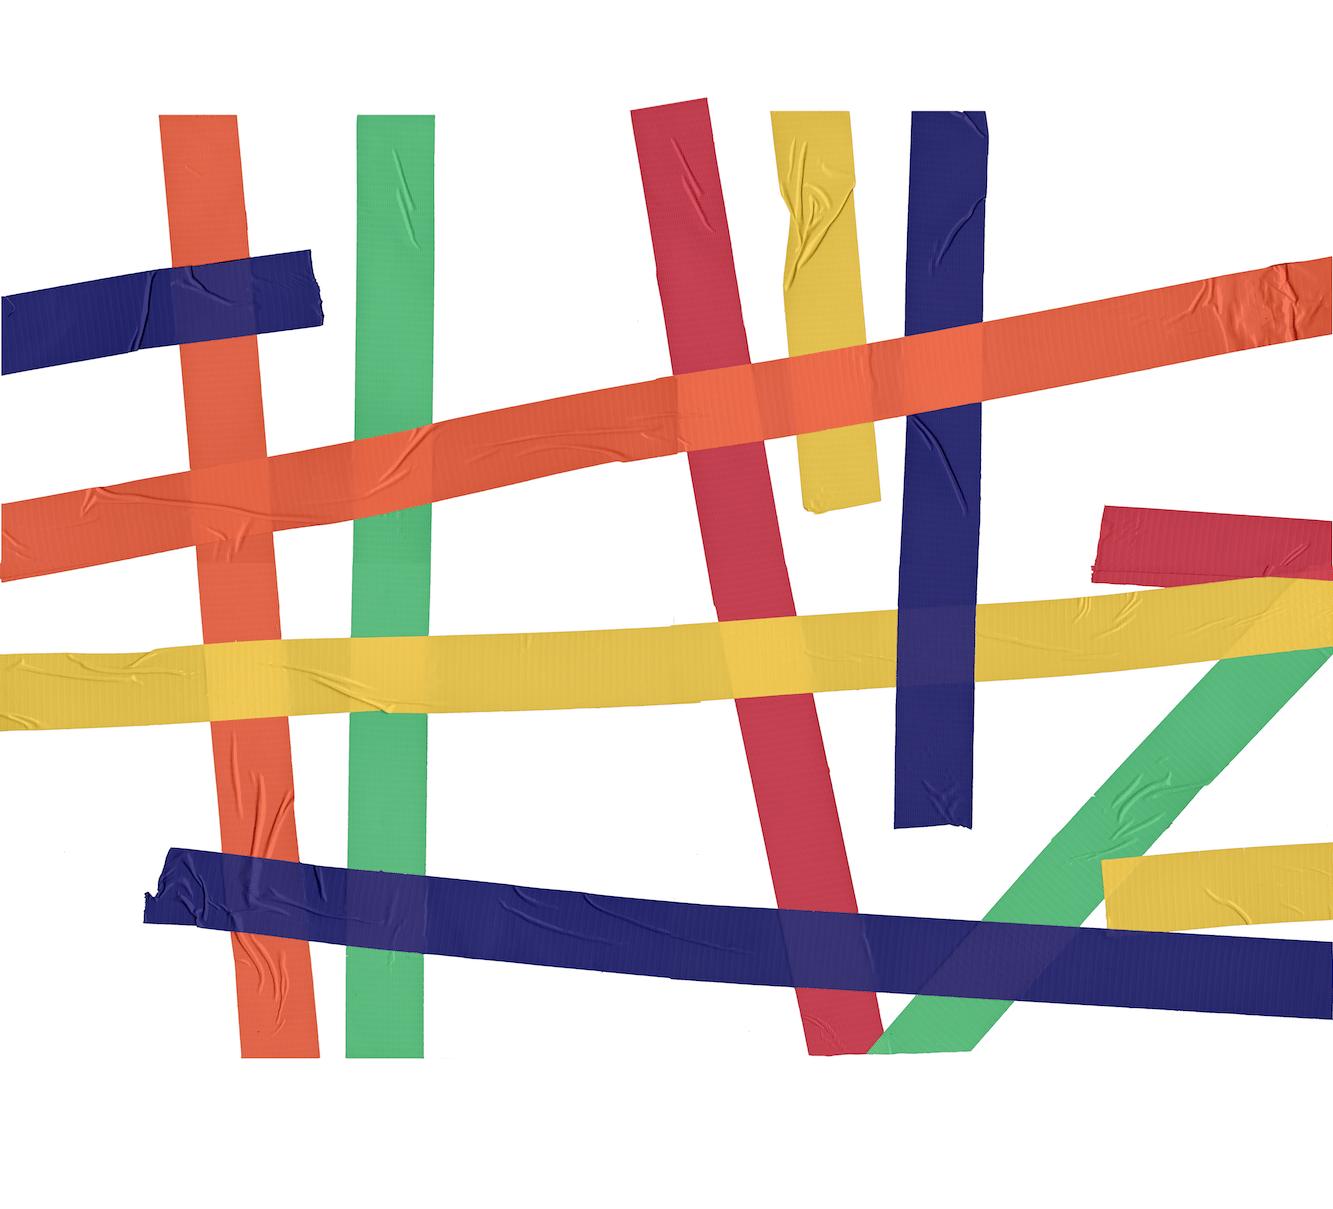 MA Show – GRAFT